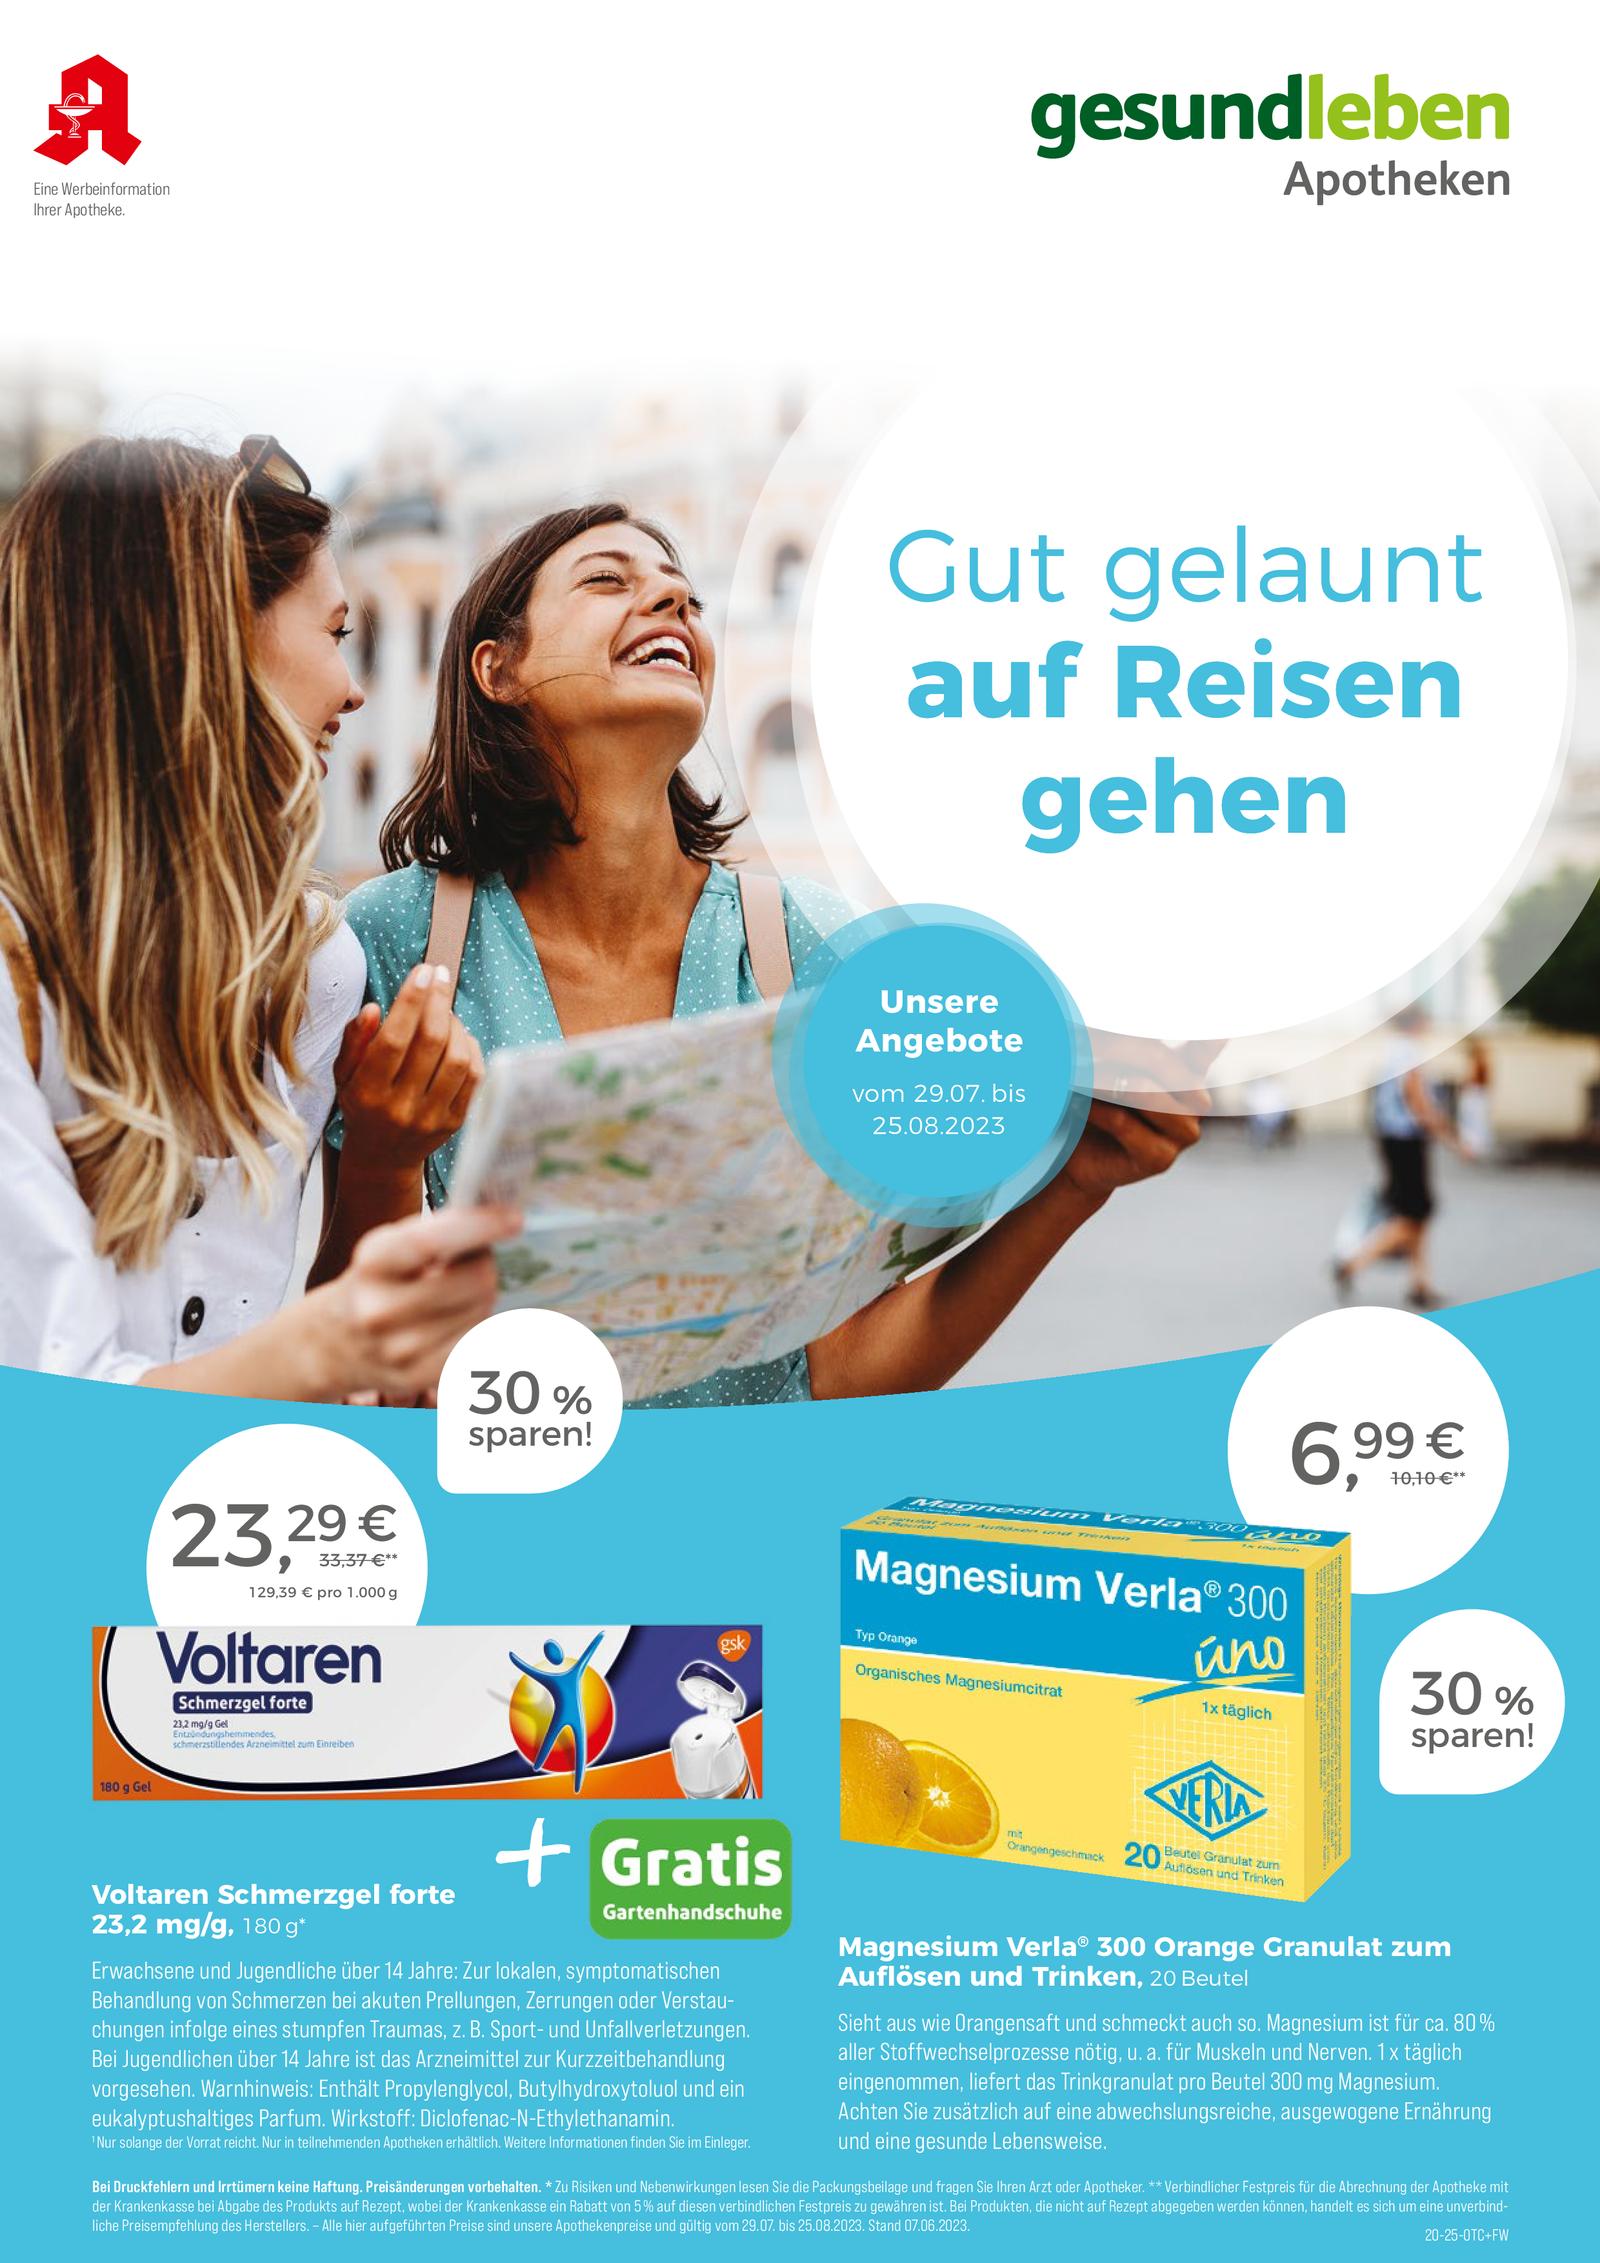 https://mein-uploads.apocdn.net/5077/leaflets/gesundleben_mittel-Seite1.png